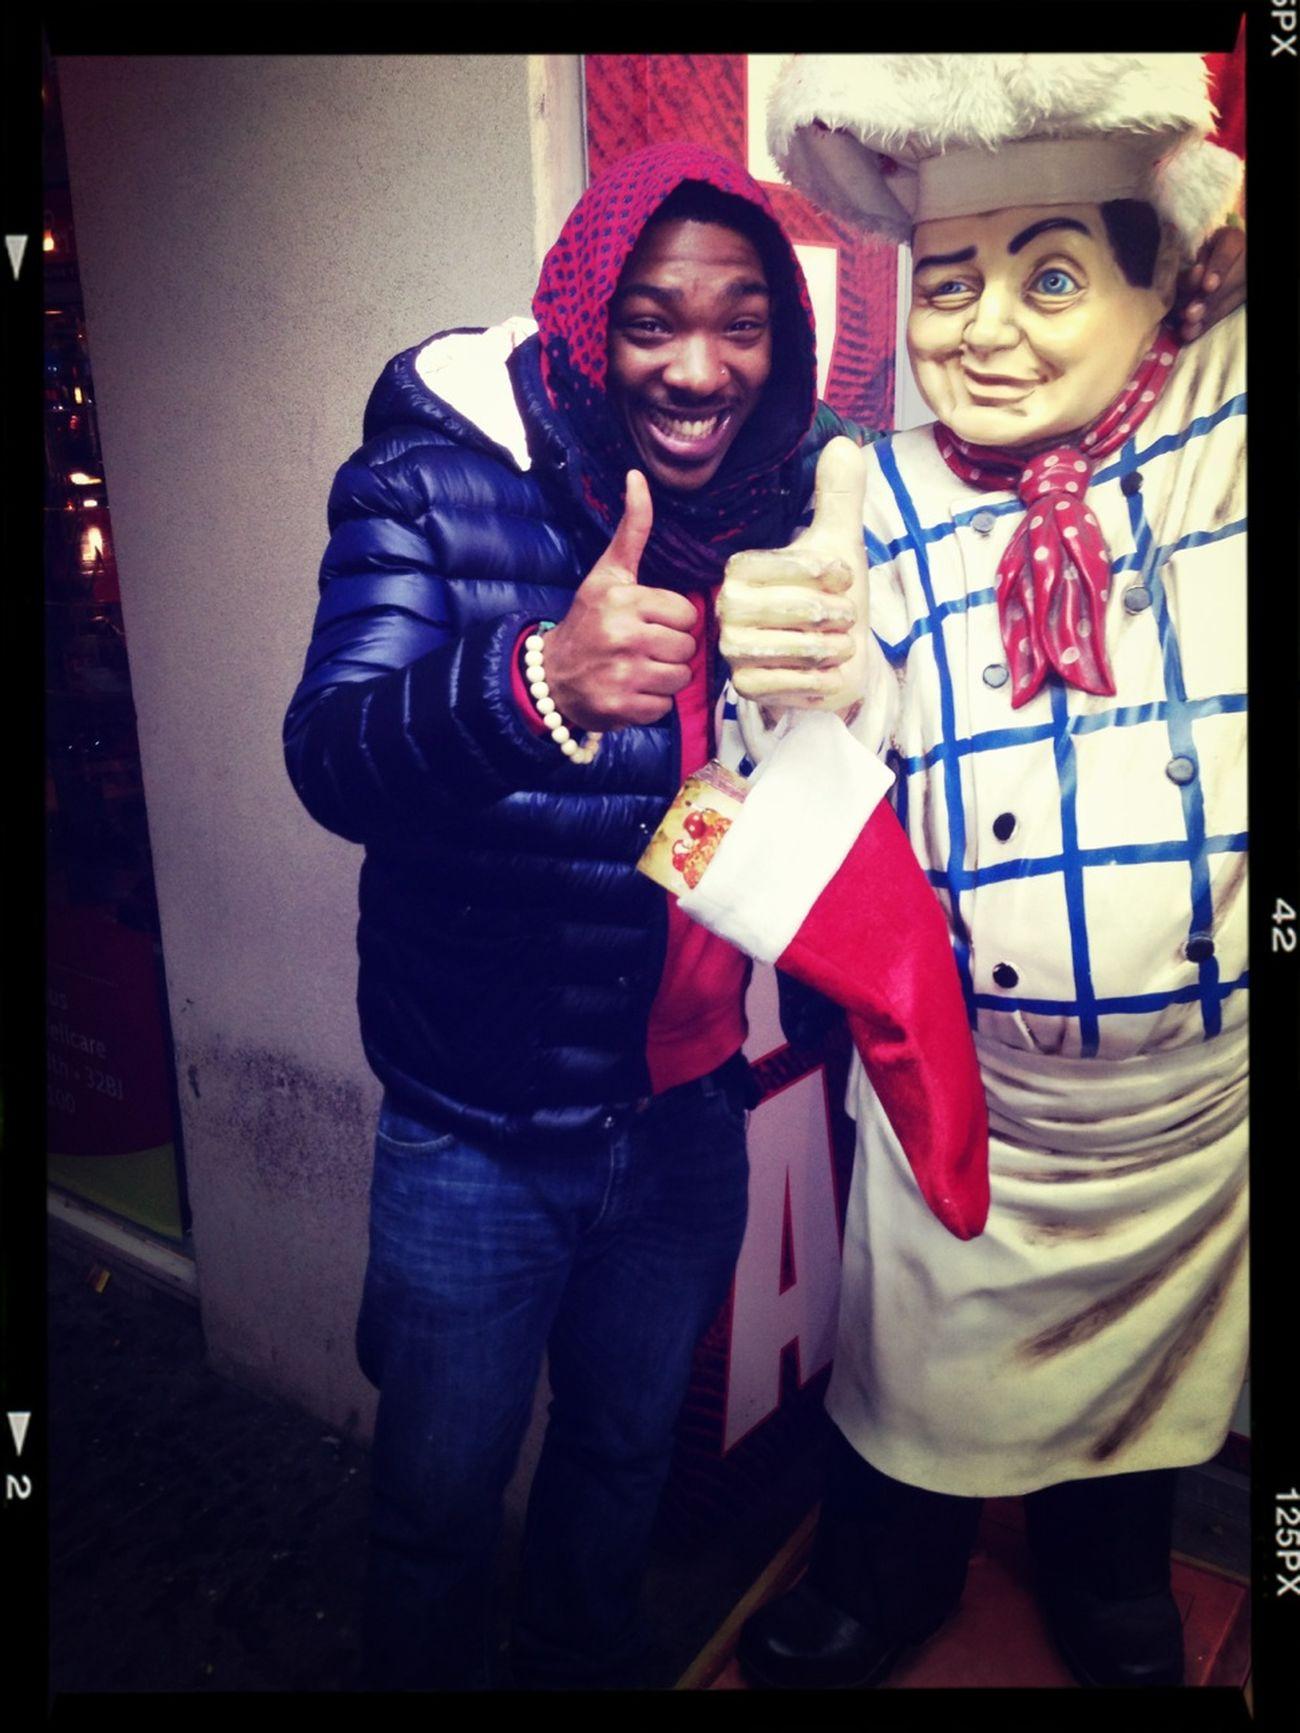 Me & The Homie Ben Lol